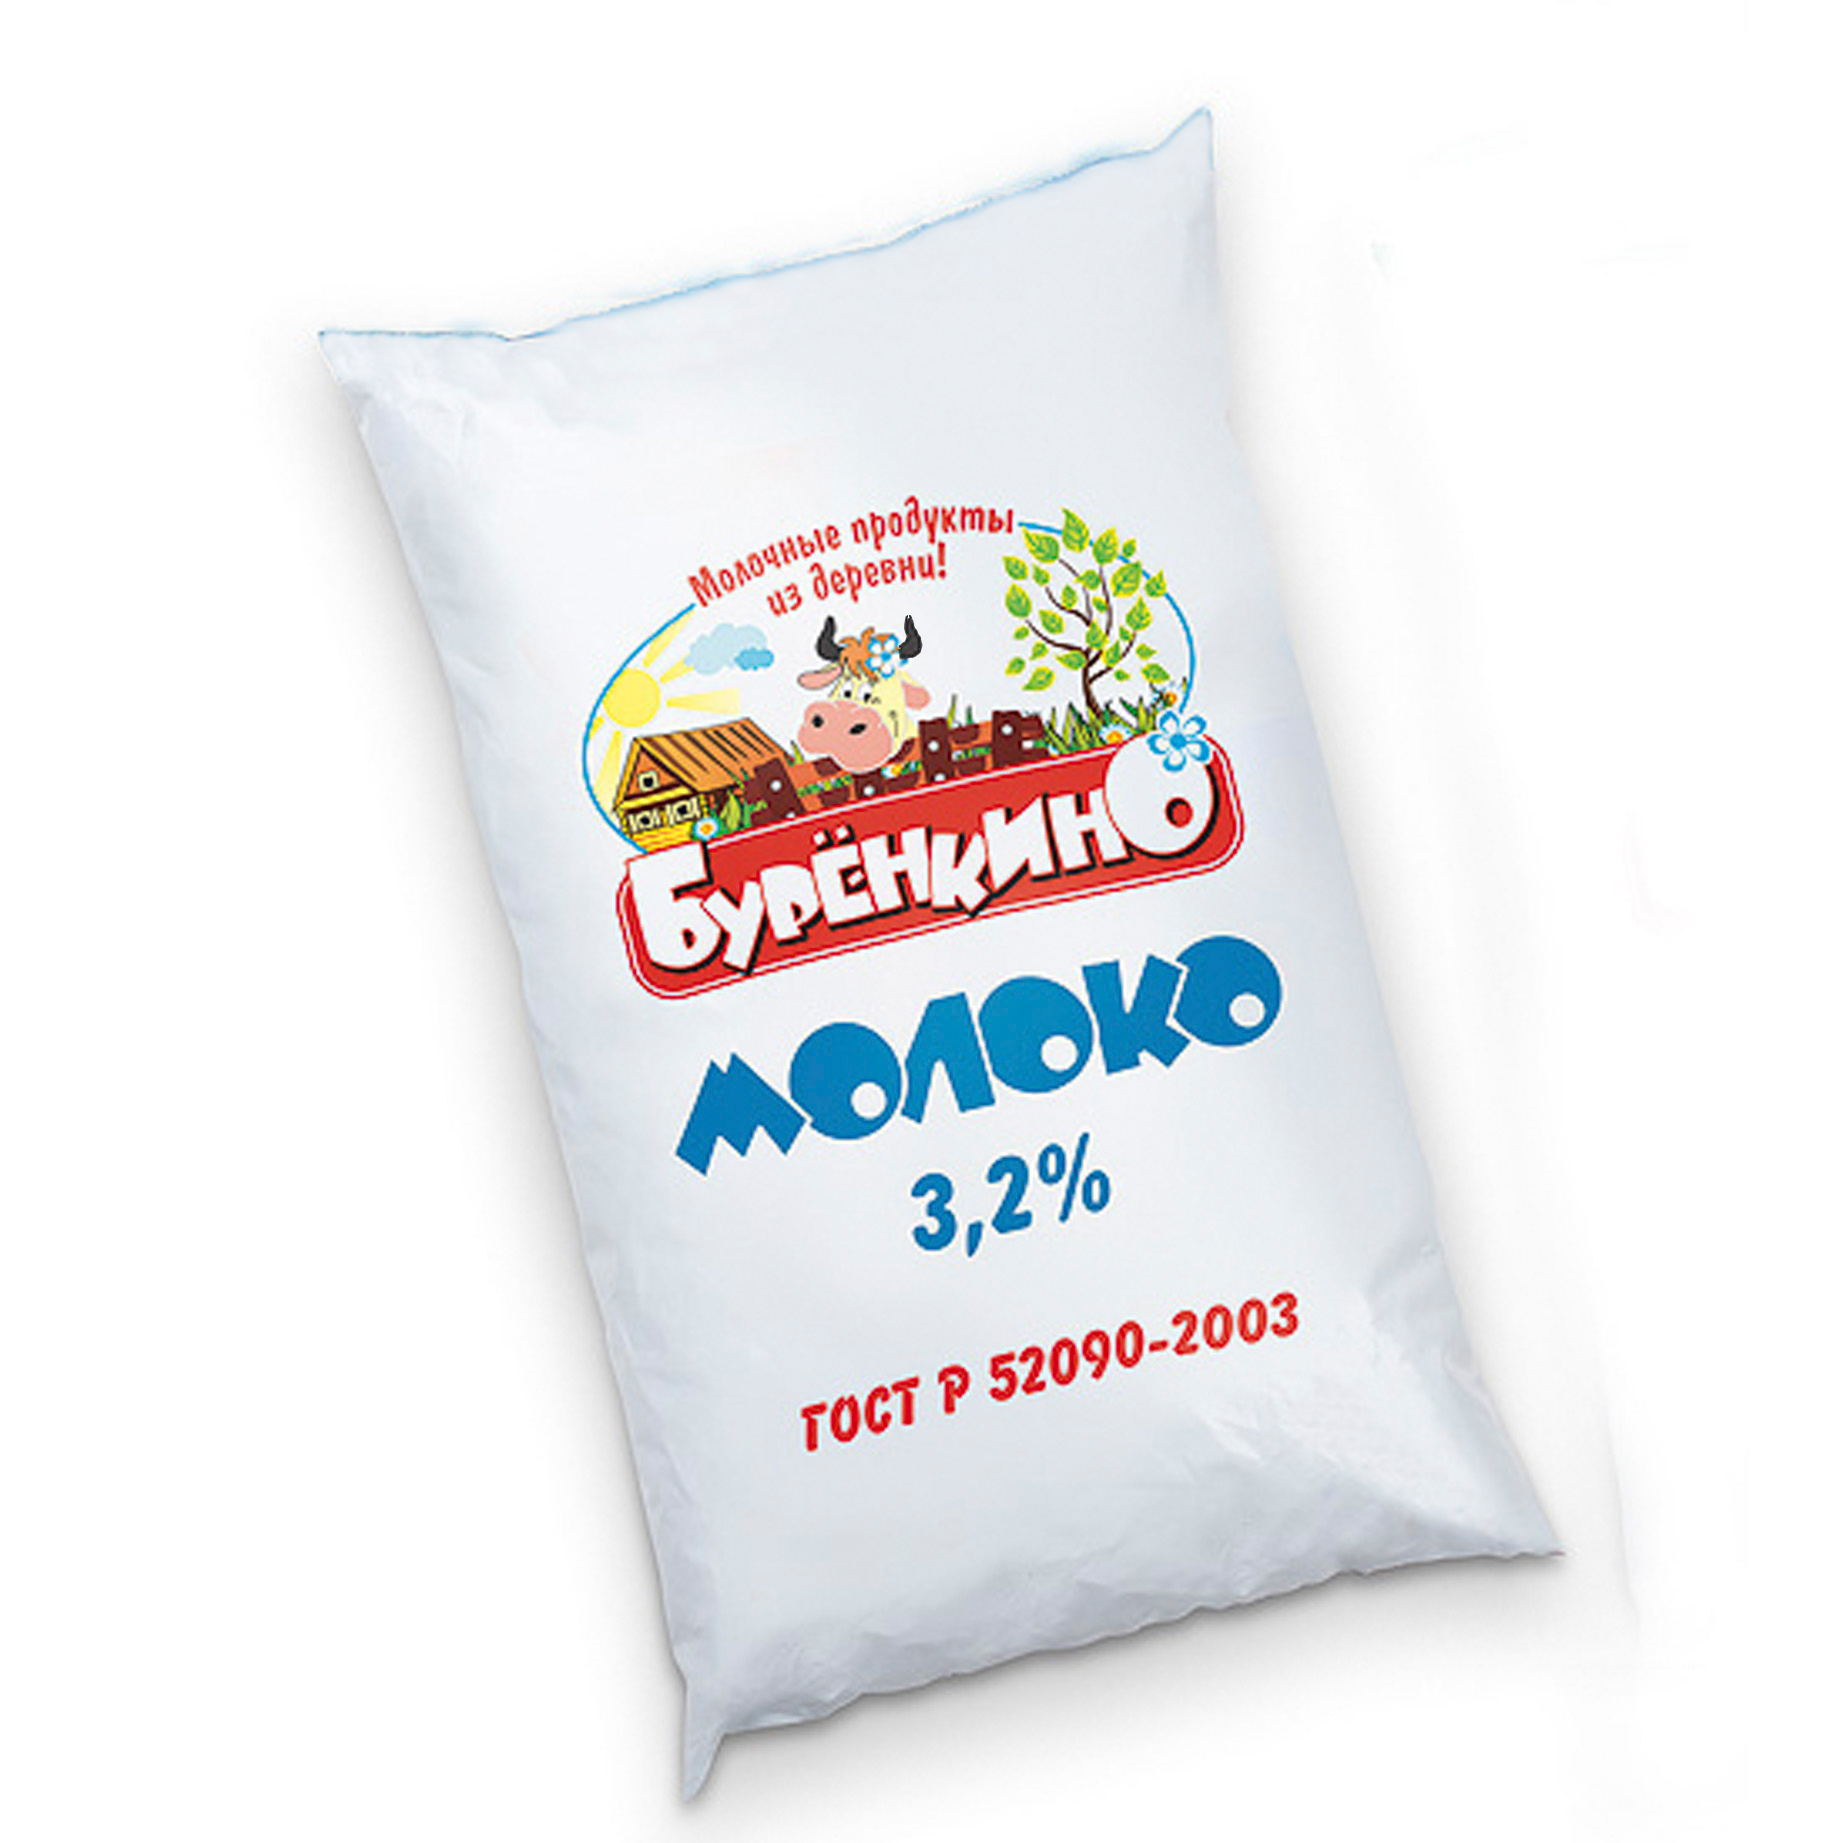 Миниатюра записи Молоко «Буренкино» — 3,2%